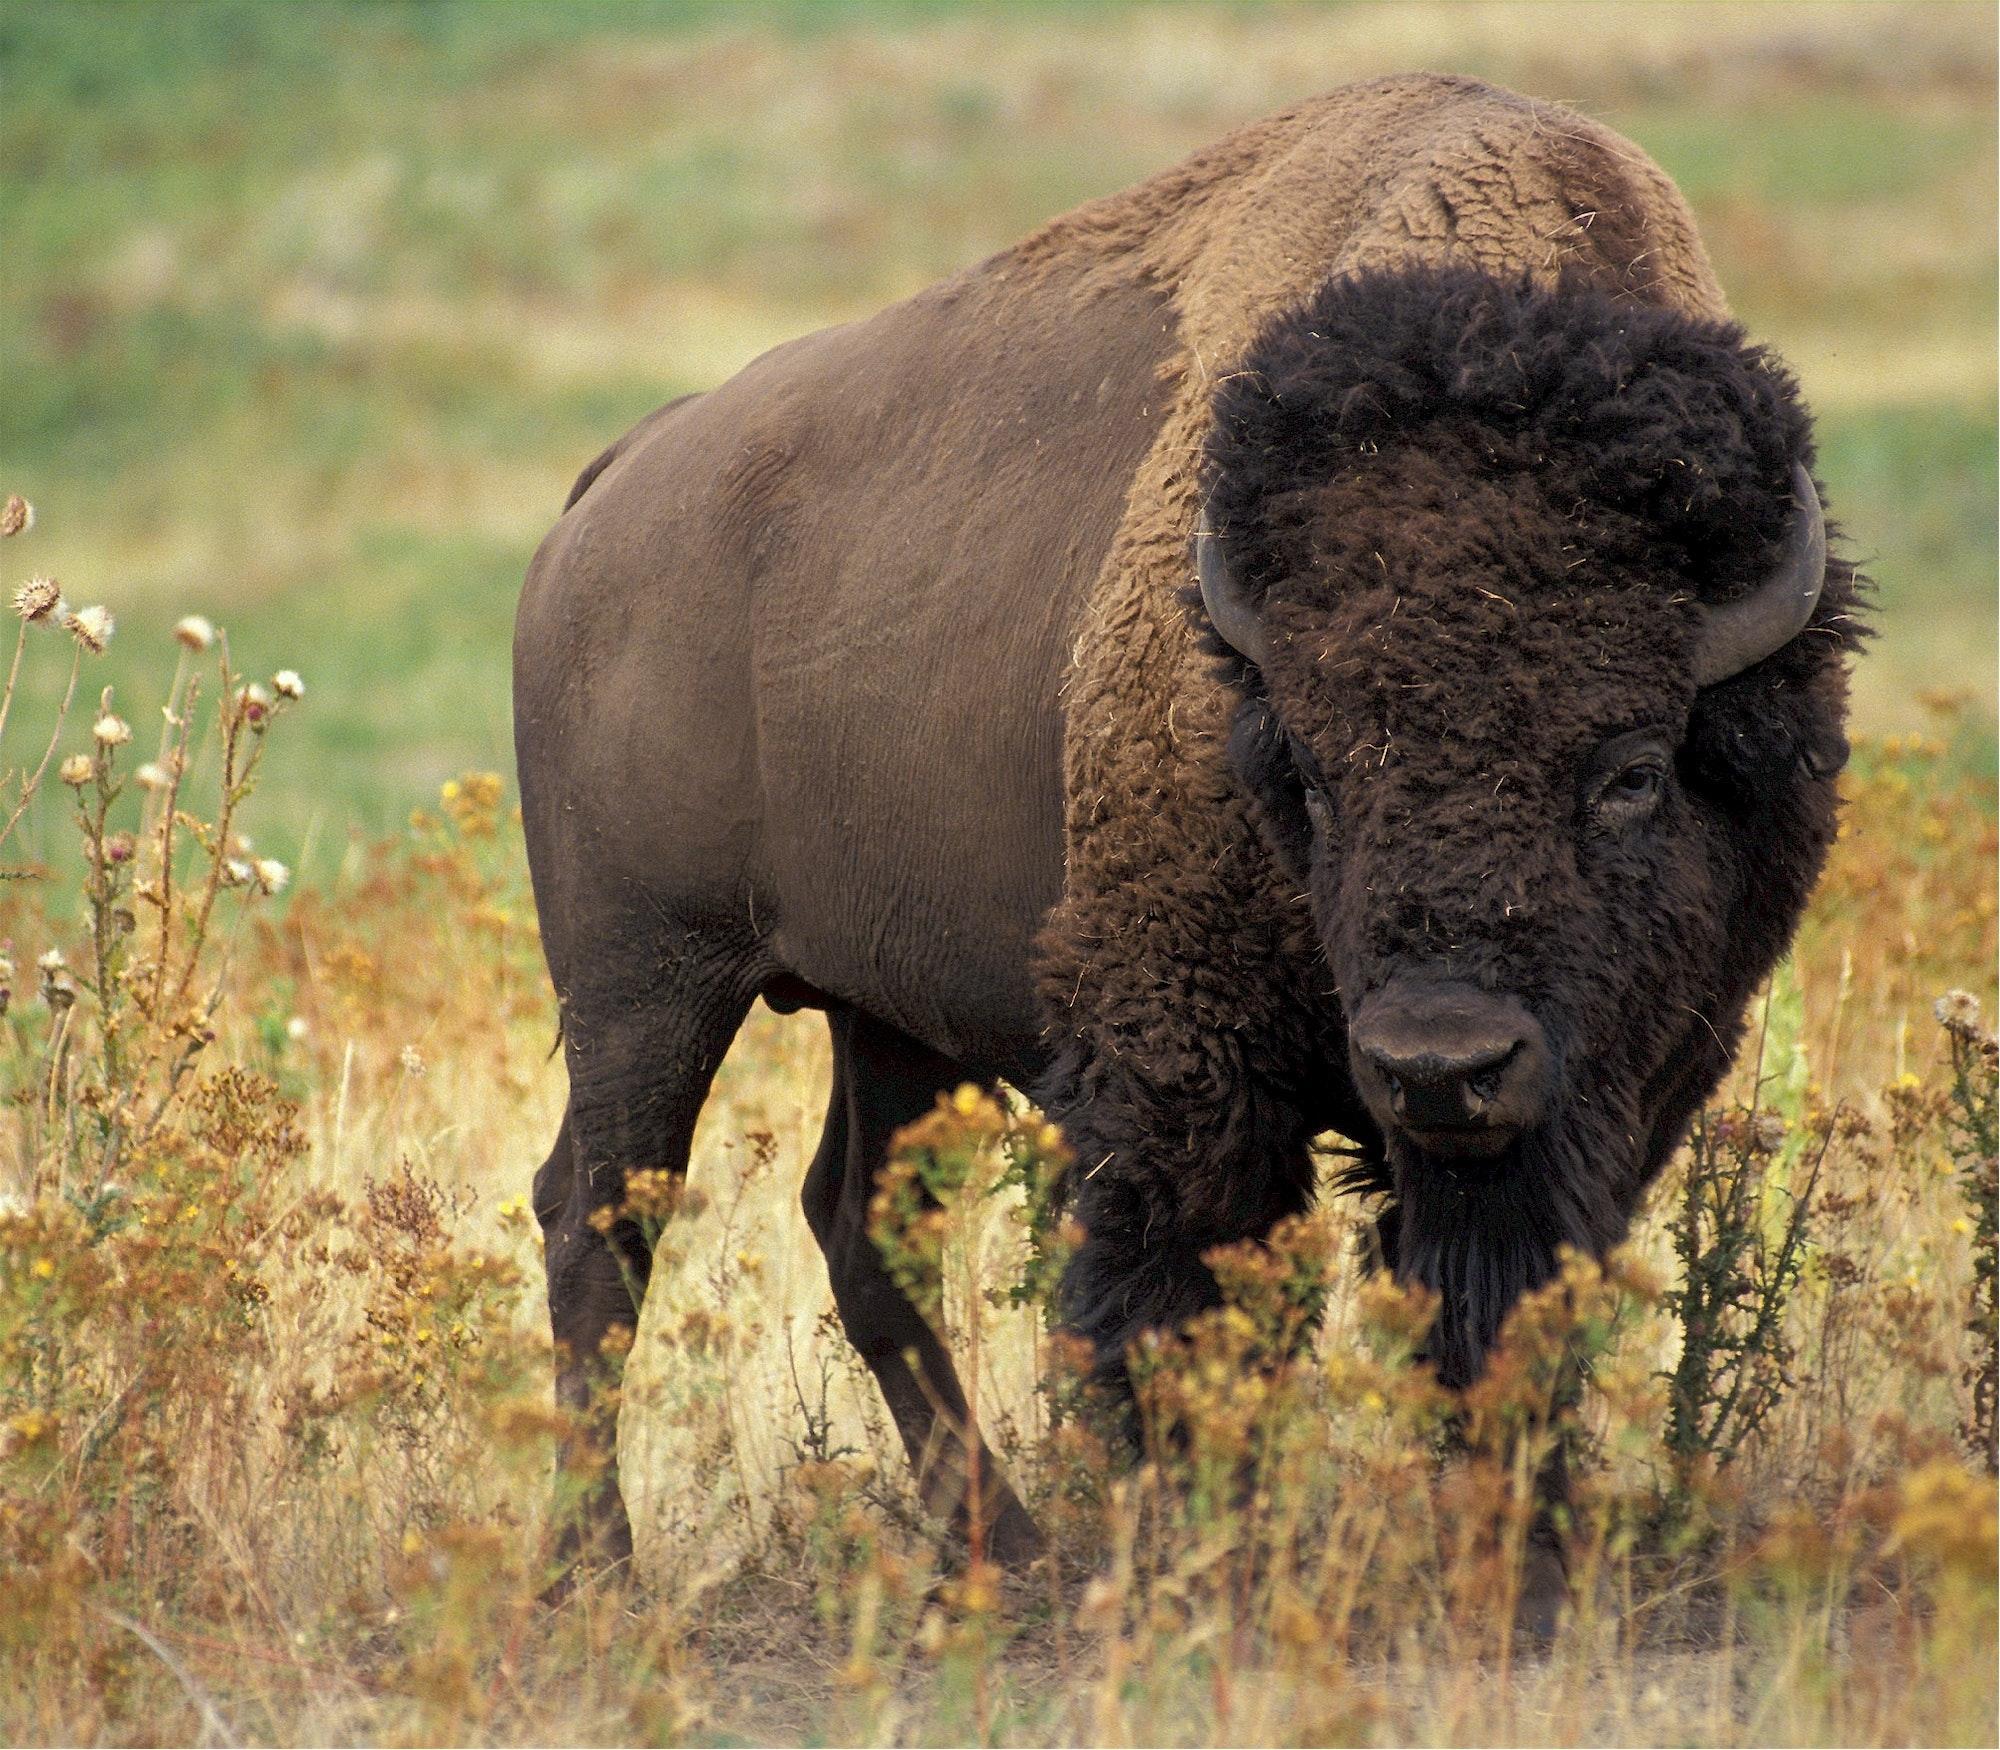 animal-bison-buffalo-46188.jpg